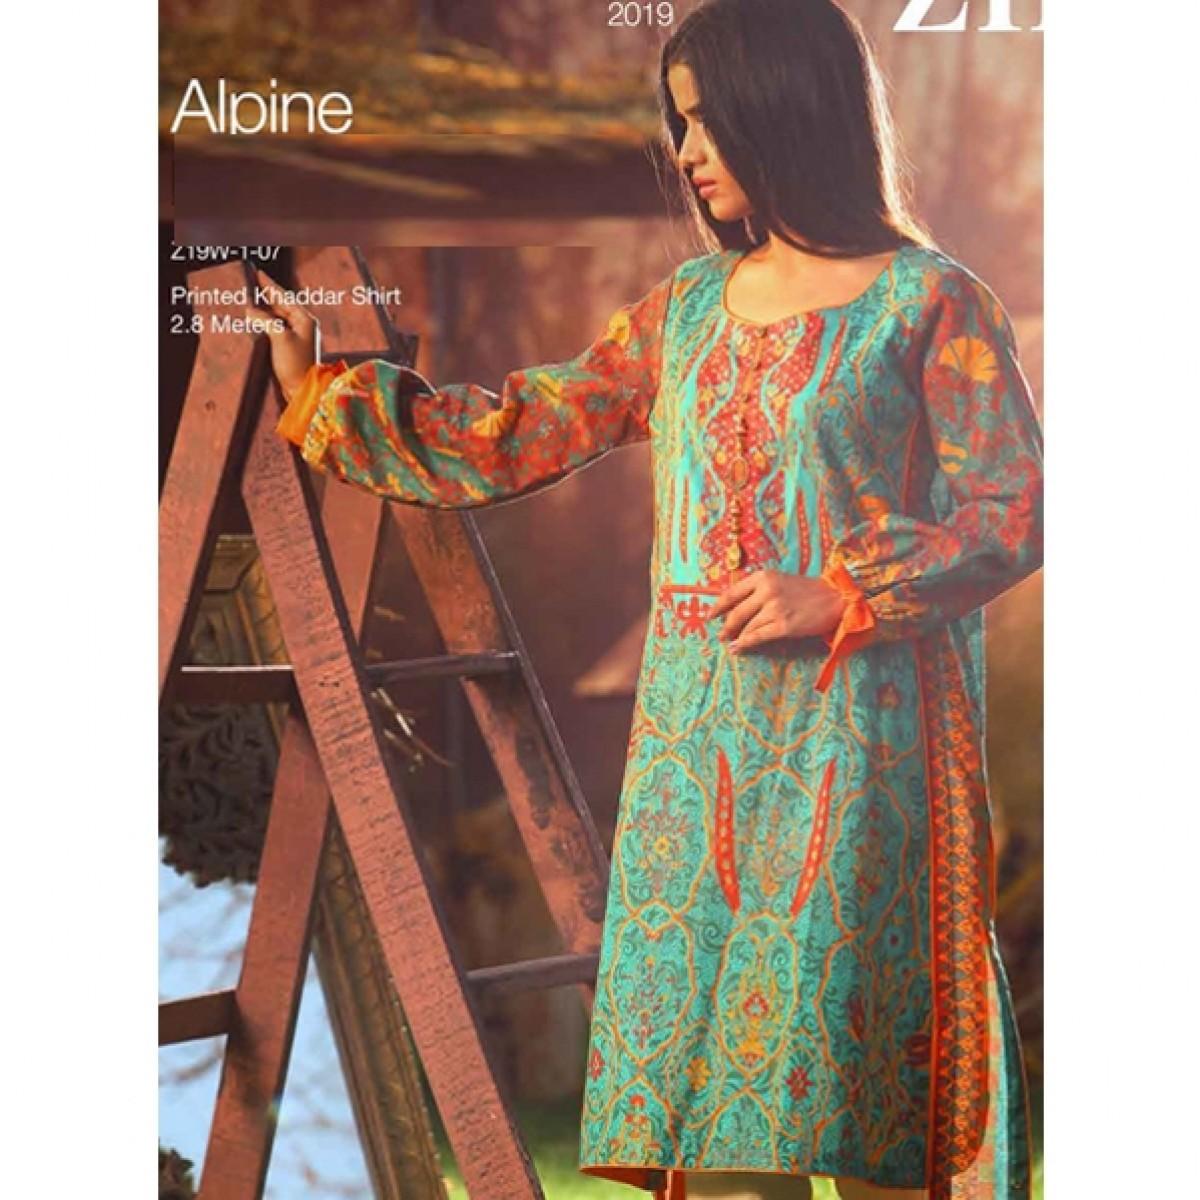 Tarzz Zyra Winter Collection 2019 1 Piece (Alpine)